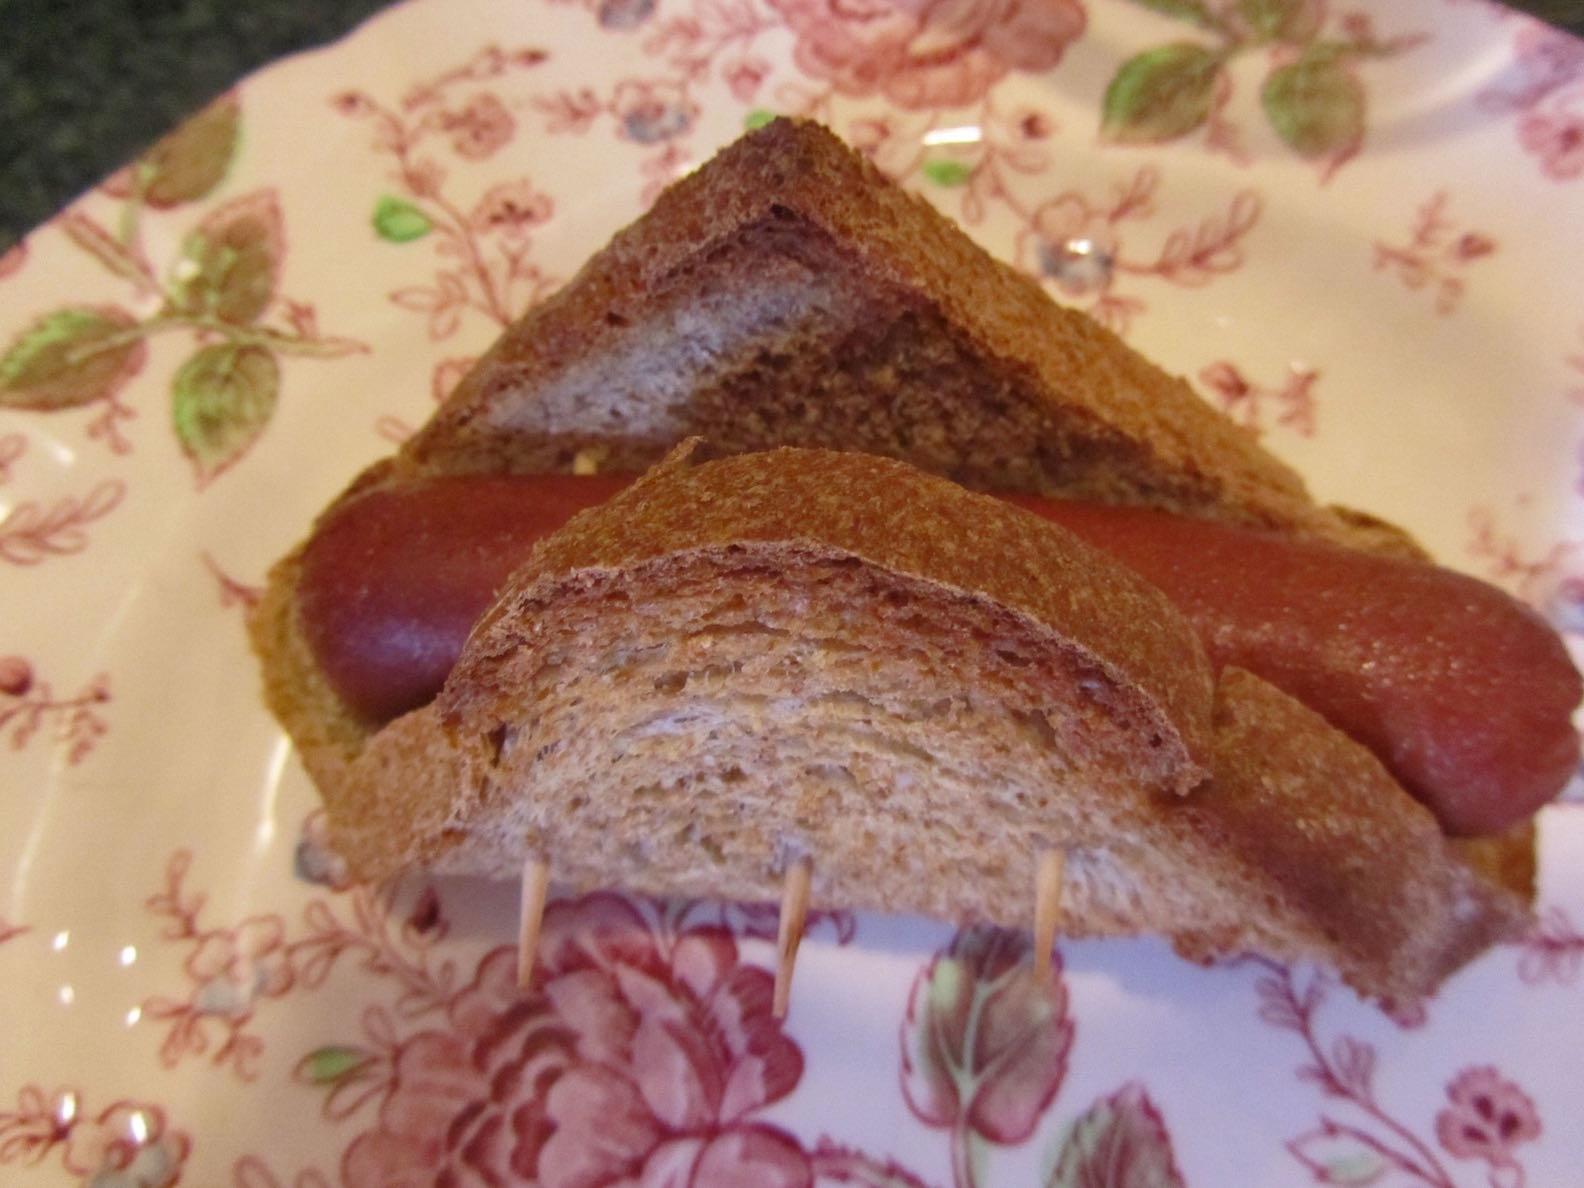 toasted hot dog wraps using slices of